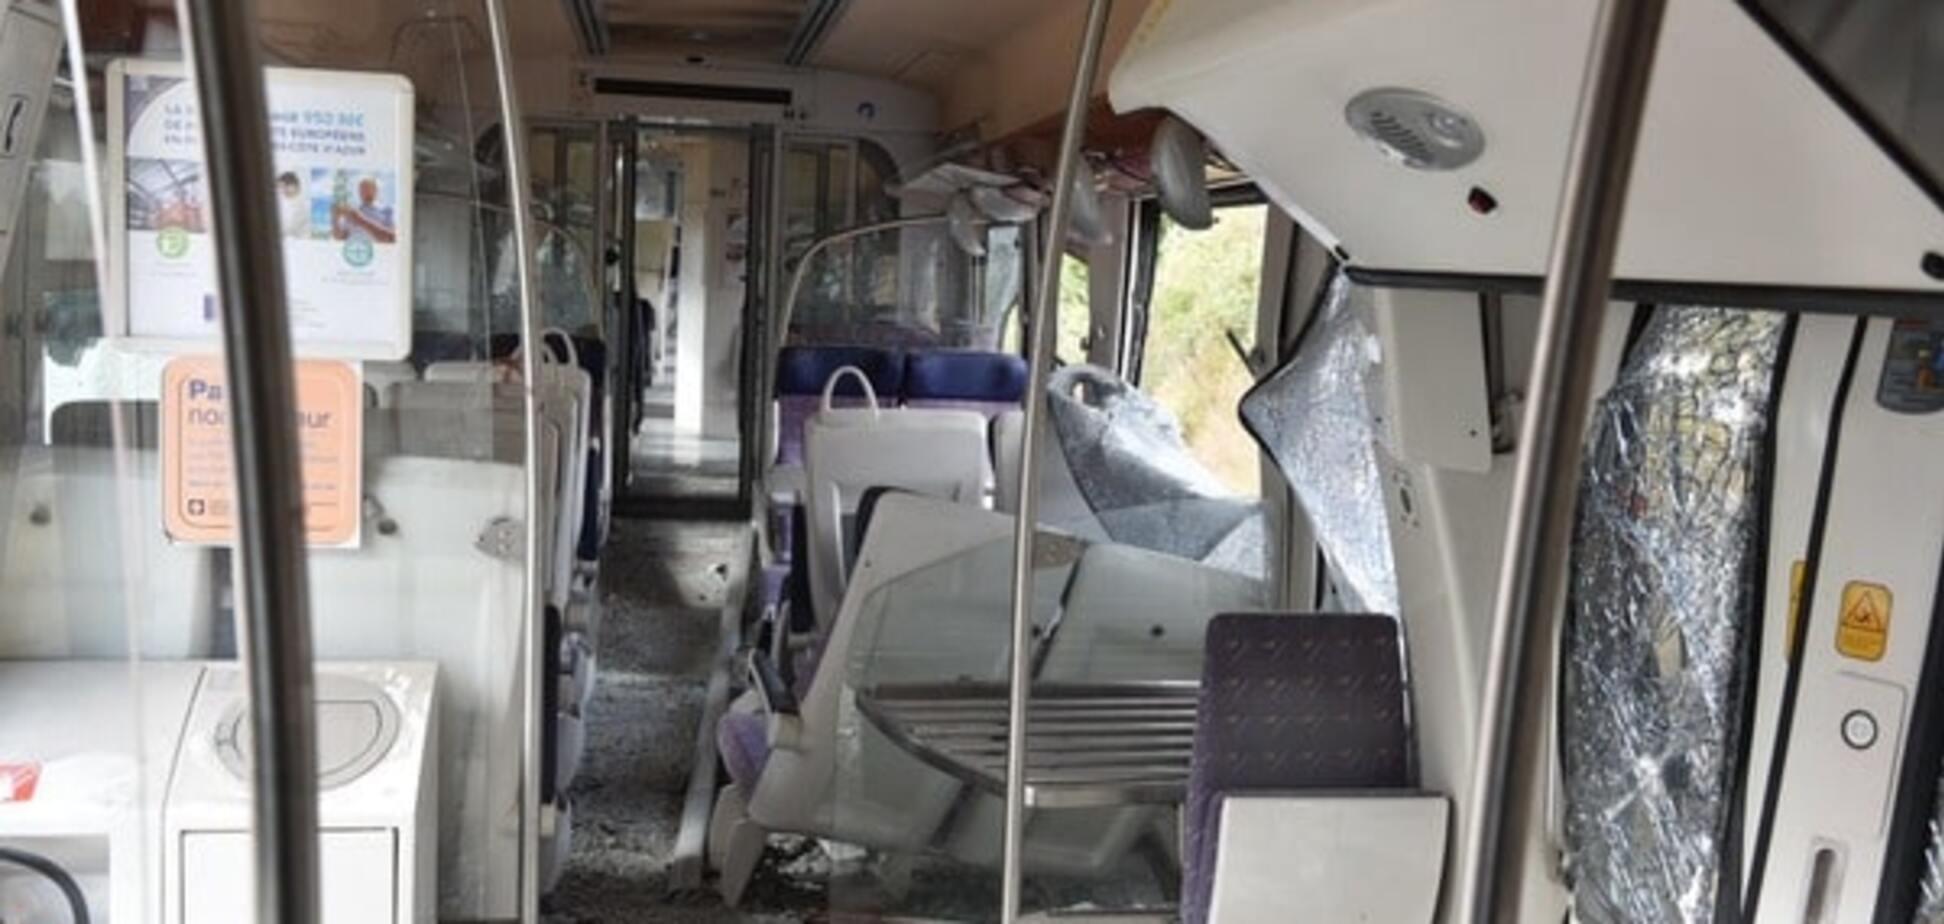 Во Франции поезд столкнулся с грузовиком: пострадали 12 человек. Фотофакт